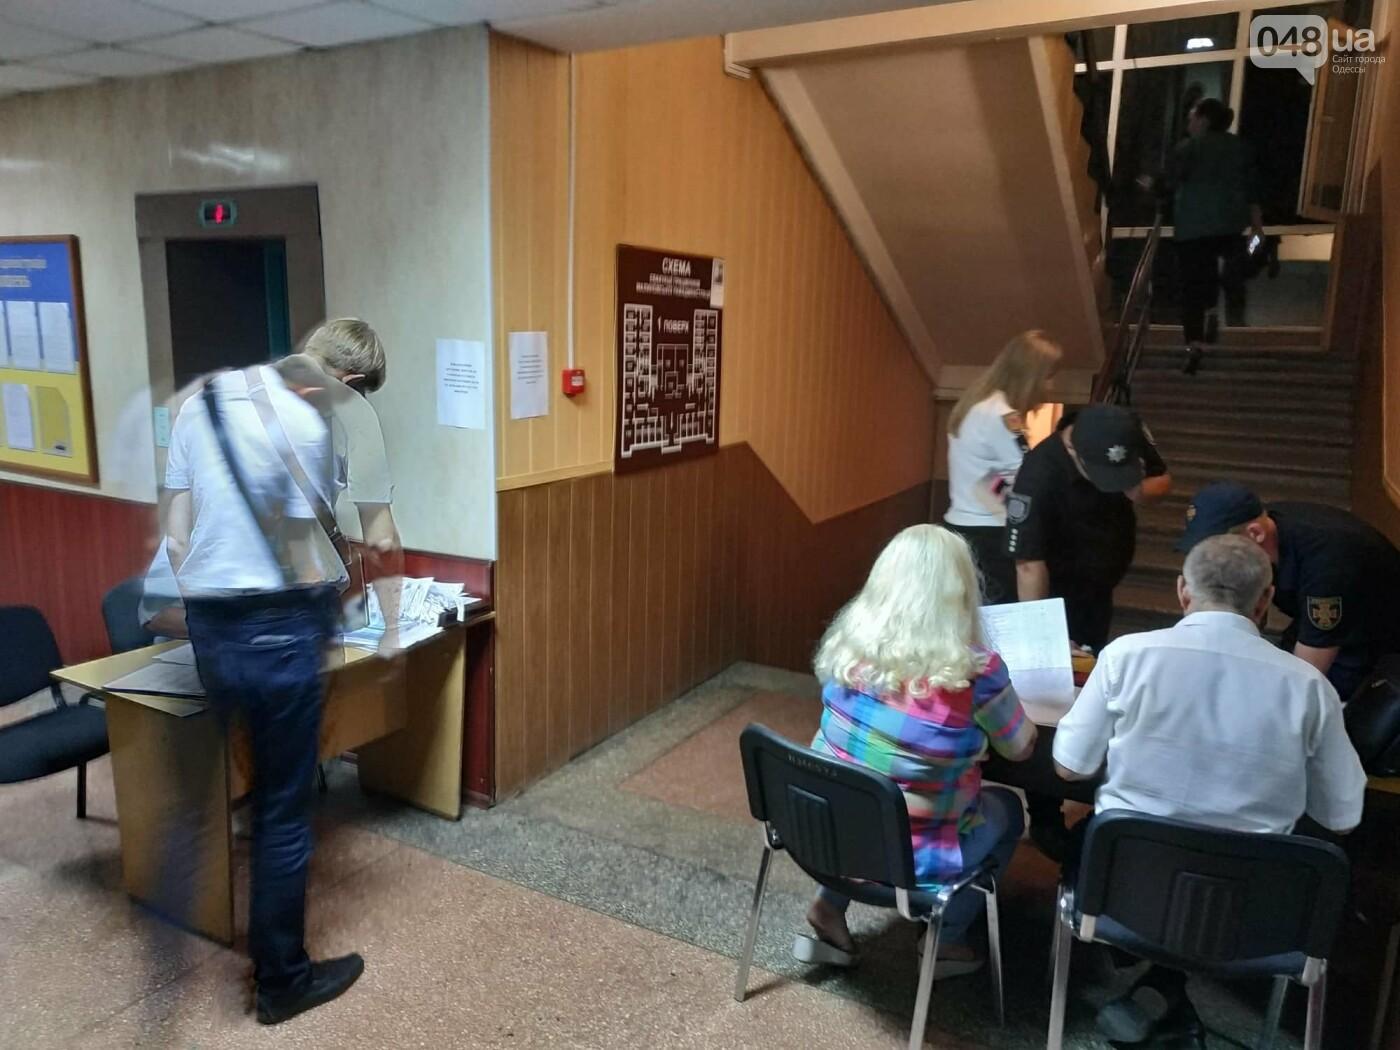 Как прошла ночь в ОИК в Одессе: полиция закрывает глаза на нарушения, - ФОТО, фото-14